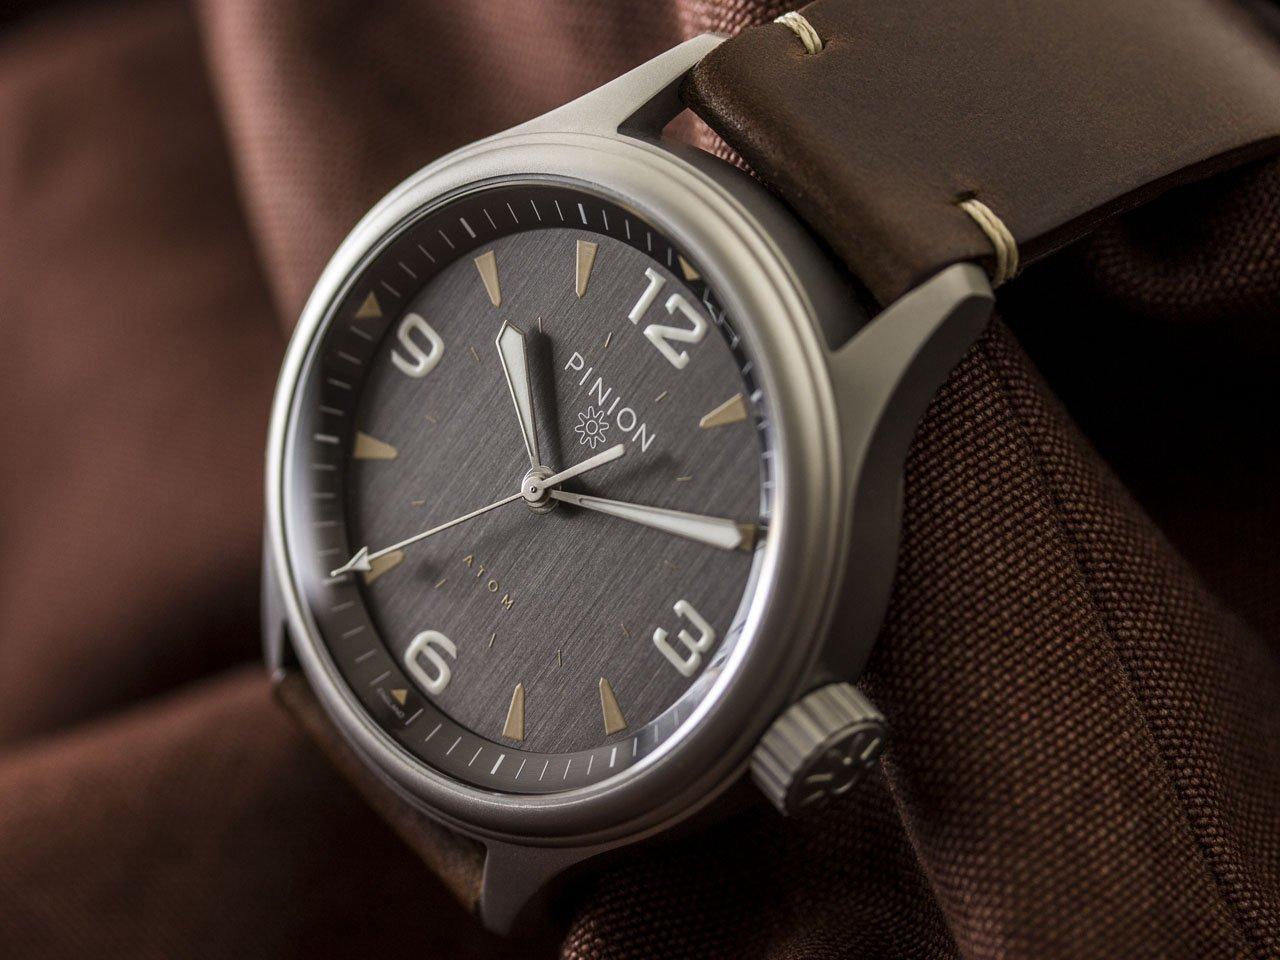 Pinion Atom ND watch